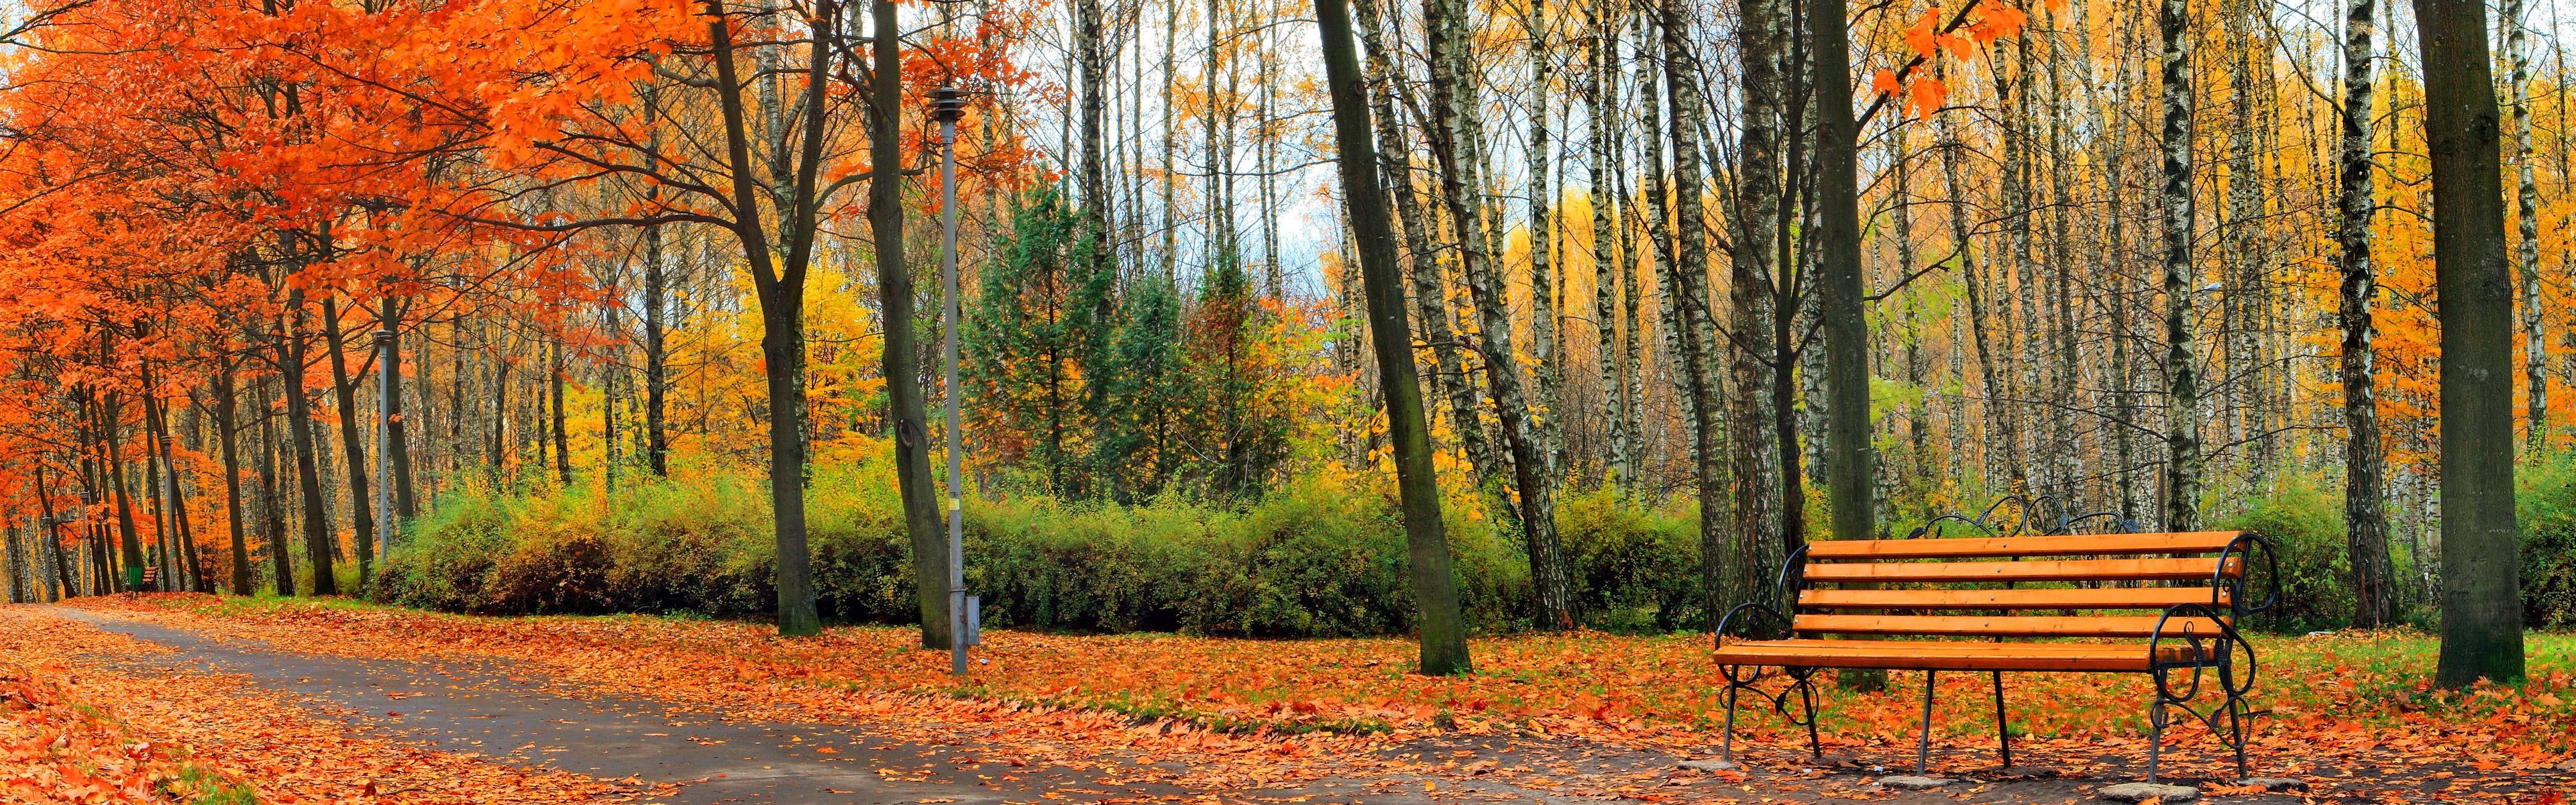 панорамная картинка осень смерть